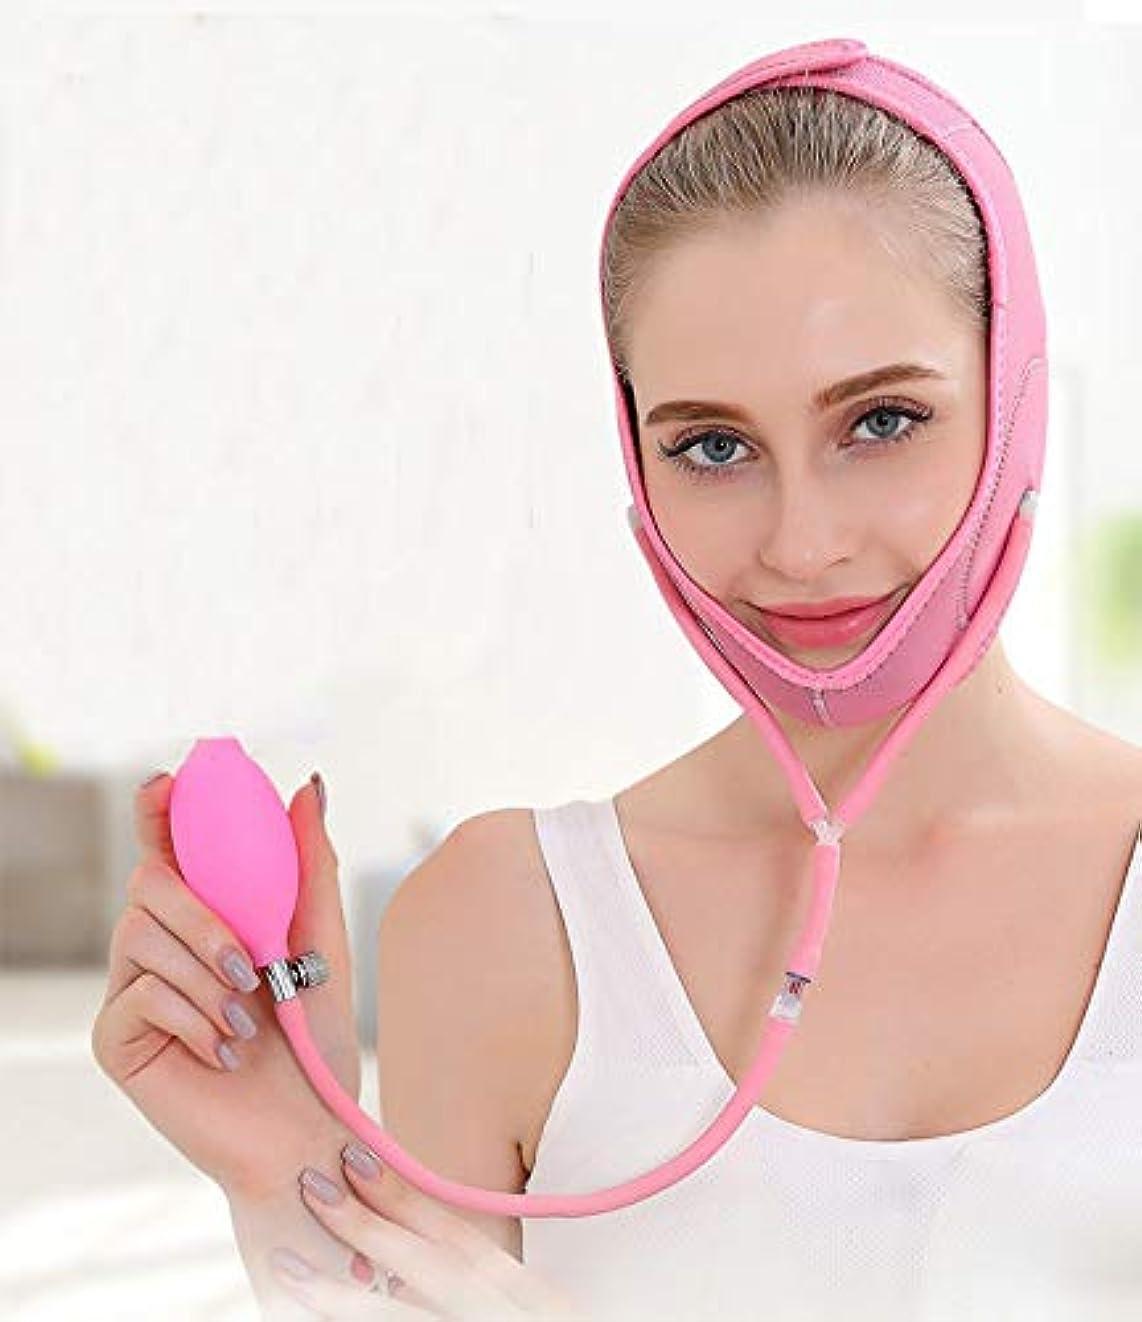 注ぎますセラー豚肉TAUKIYYフェイスリフティングインフレータブルマスクVフェイスエアバッグマスク小顔プラスチック空気圧睡眠ステッカーリフティングタイトフェイスバンデージ